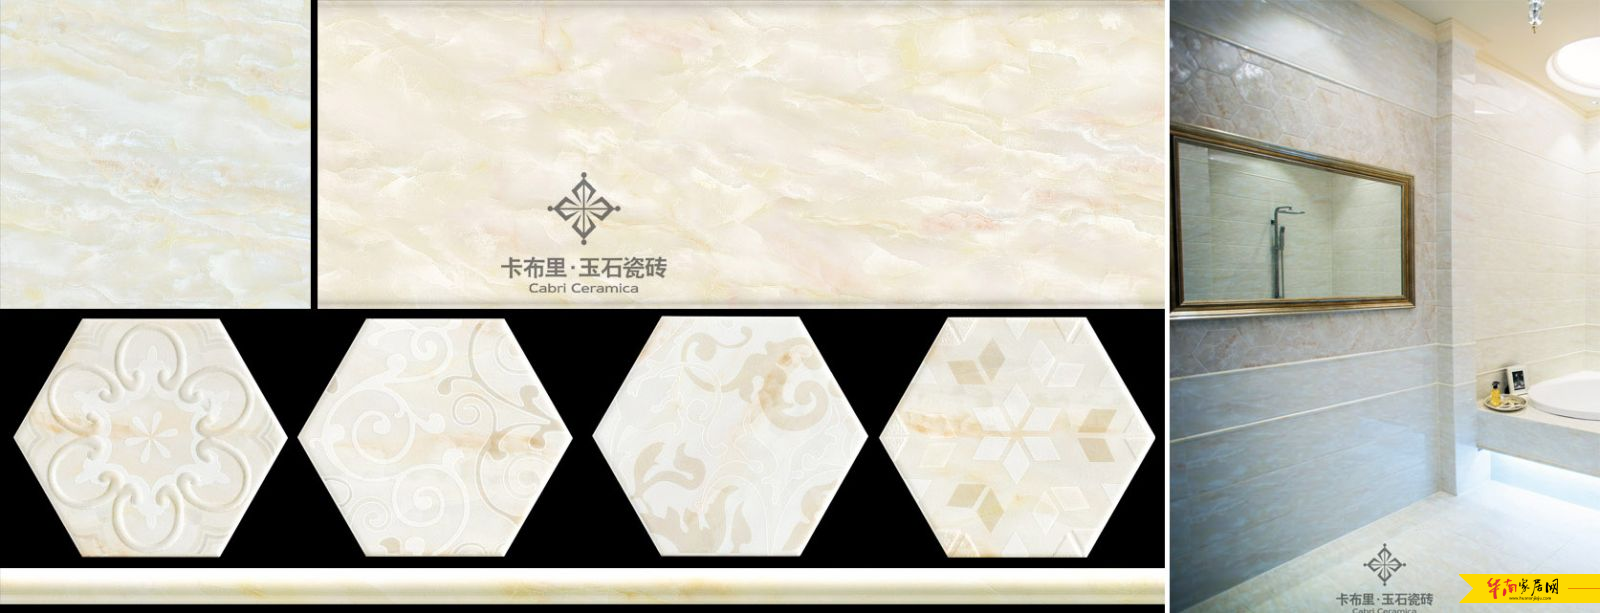 卡布里玉石瓷砖  尚品玉瓷新贵族主义 在家居生活空间中,厨卫以及阳台空间所占比例虽不大,却是生活中必须使用的空间。厨卫及阳台的整体装修风格,对家居生活体验尤为重要,这正凸显了瓷片在空间应用中的重要性。 卡布里·玉石瓷砖尚品玉瓷系列,完美呈现玉石效果,与主砖、配套成为体系,建立整体空间方案。其外,尚品玉瓷系列承袭意大利的设计基因,砖砖有出处,产品颇具文化魅力。 Augustin 奥古斯丁  设计来源:苏黎世,是瑞士联邦最大的城市,也是全欧洲最富裕的城市。国际大都市与古老的小镇,两种格调交织在一